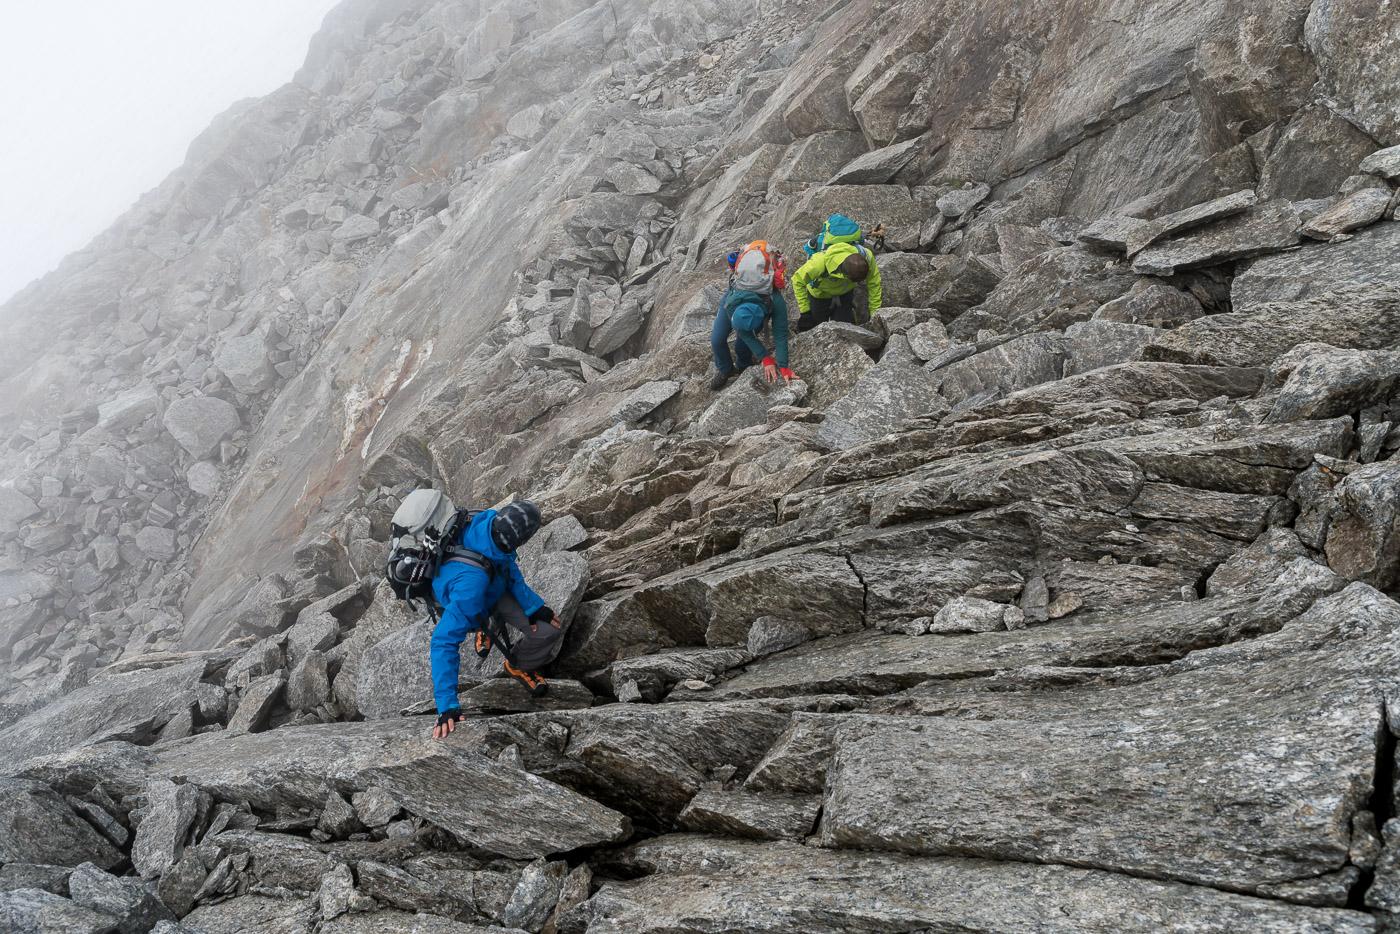 Kurze kletter Passage